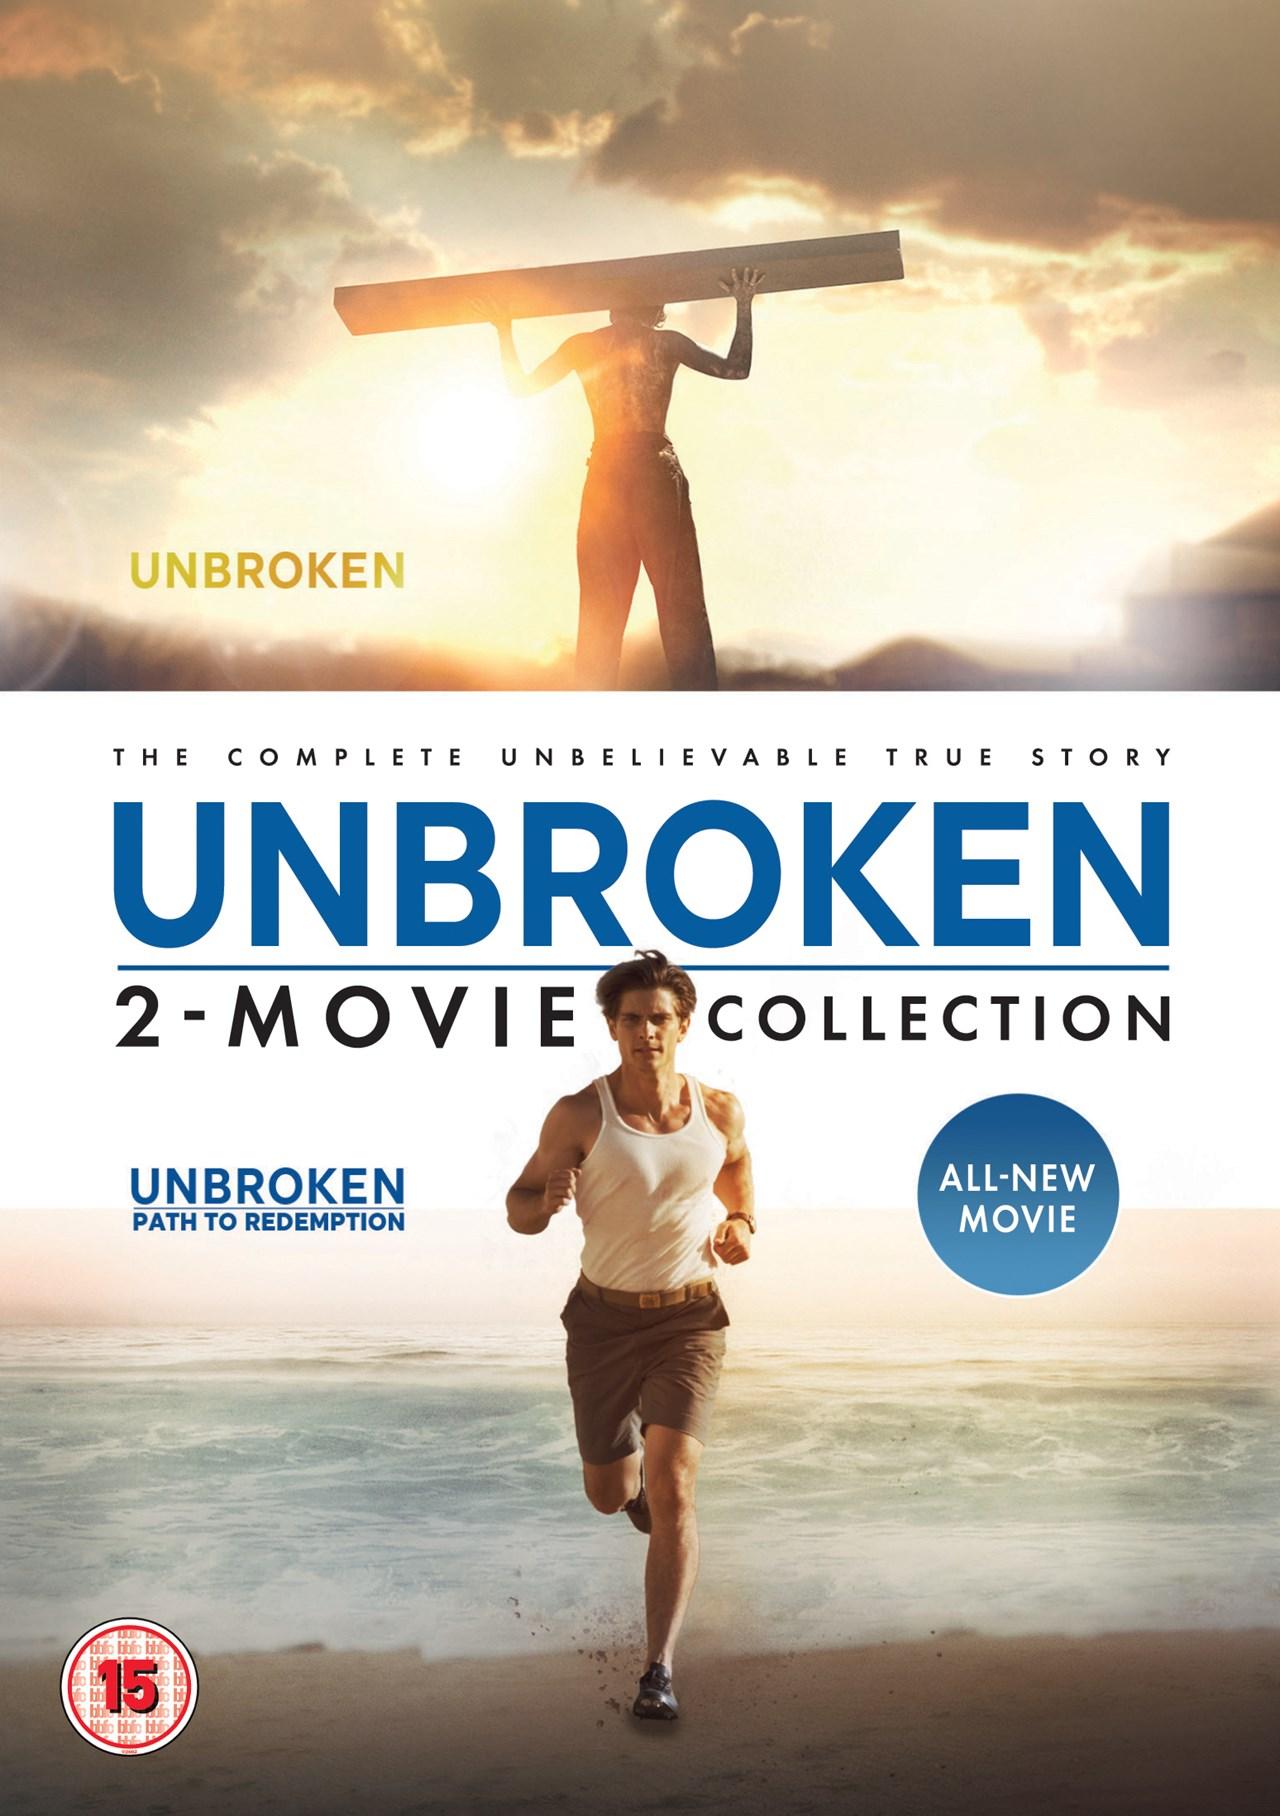 Unbroken/Unbroken - Path to Redemption - 1